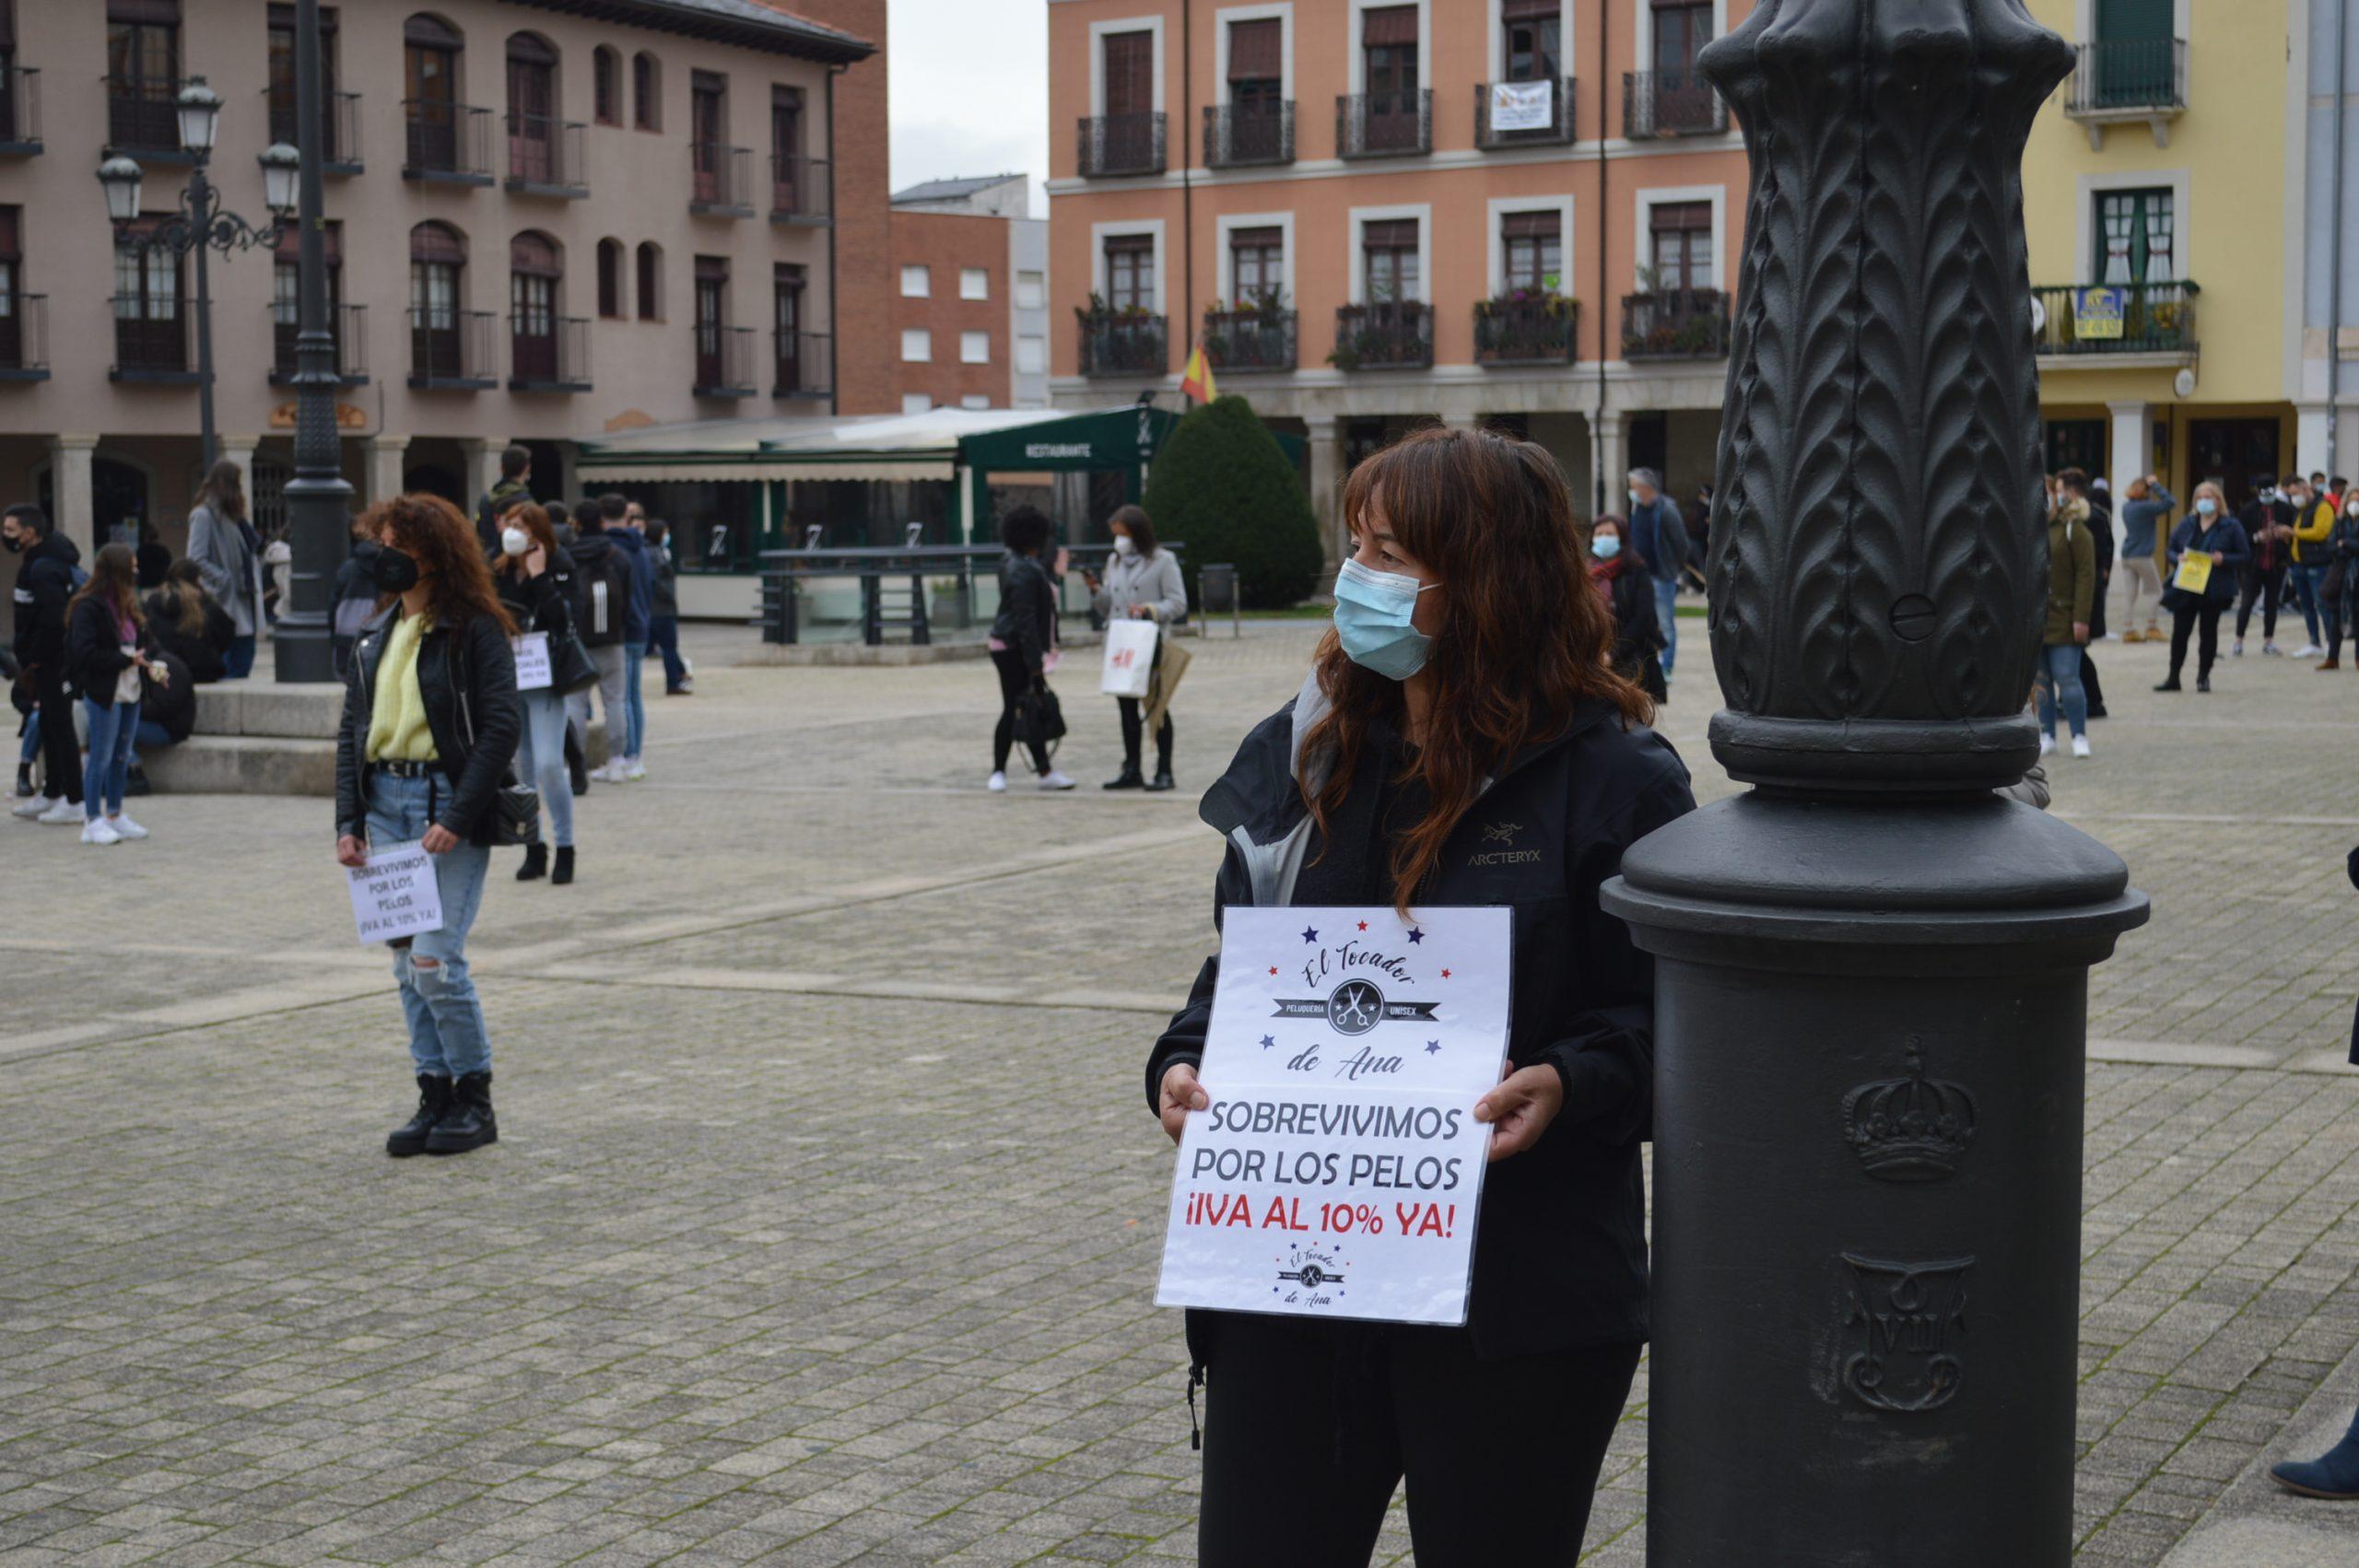 Peluquerías y centros de belleza de El Bierzo y Laciana se concentran en Ponferrada pidiendo apoyo para mantener el sector a flote 5